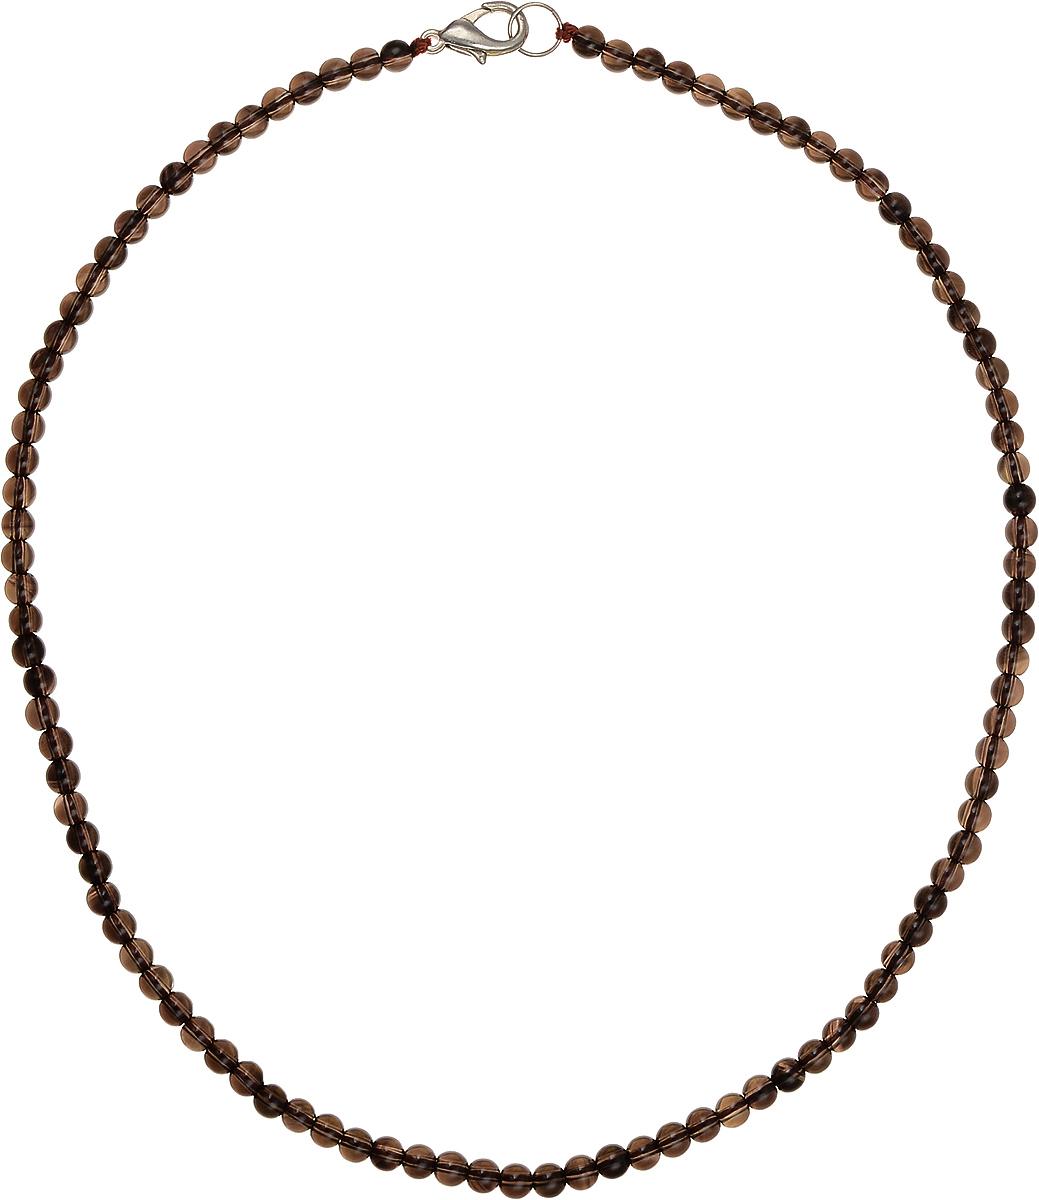 Бусы Art-Silver, цвет: коричневый, длина 40 см. РТ4-40-251Колье (короткие одноярусные бусы)Бусы Art-Silver подчеркнут изящество и непревзойденный вкус своей обладательницы. Они выполнены из бижутерного сплава и раухтопаза диаметром 4 мм.Изделие оснащено удобным замком-карабином.Раухтопаз (дымчатый кварц) является наиболее ценной разновидностью кварца и, по древним преданиям, выводит из организма негативную энергию, злобу и раздражение. Это один из самых «энергетических» темных камней. Минерал отличается необычной природной окраской, обладает особой утончённой эстетикой и аурой. Украшения с раухтопазами всегда смотрятся респектабельно и элегантно.